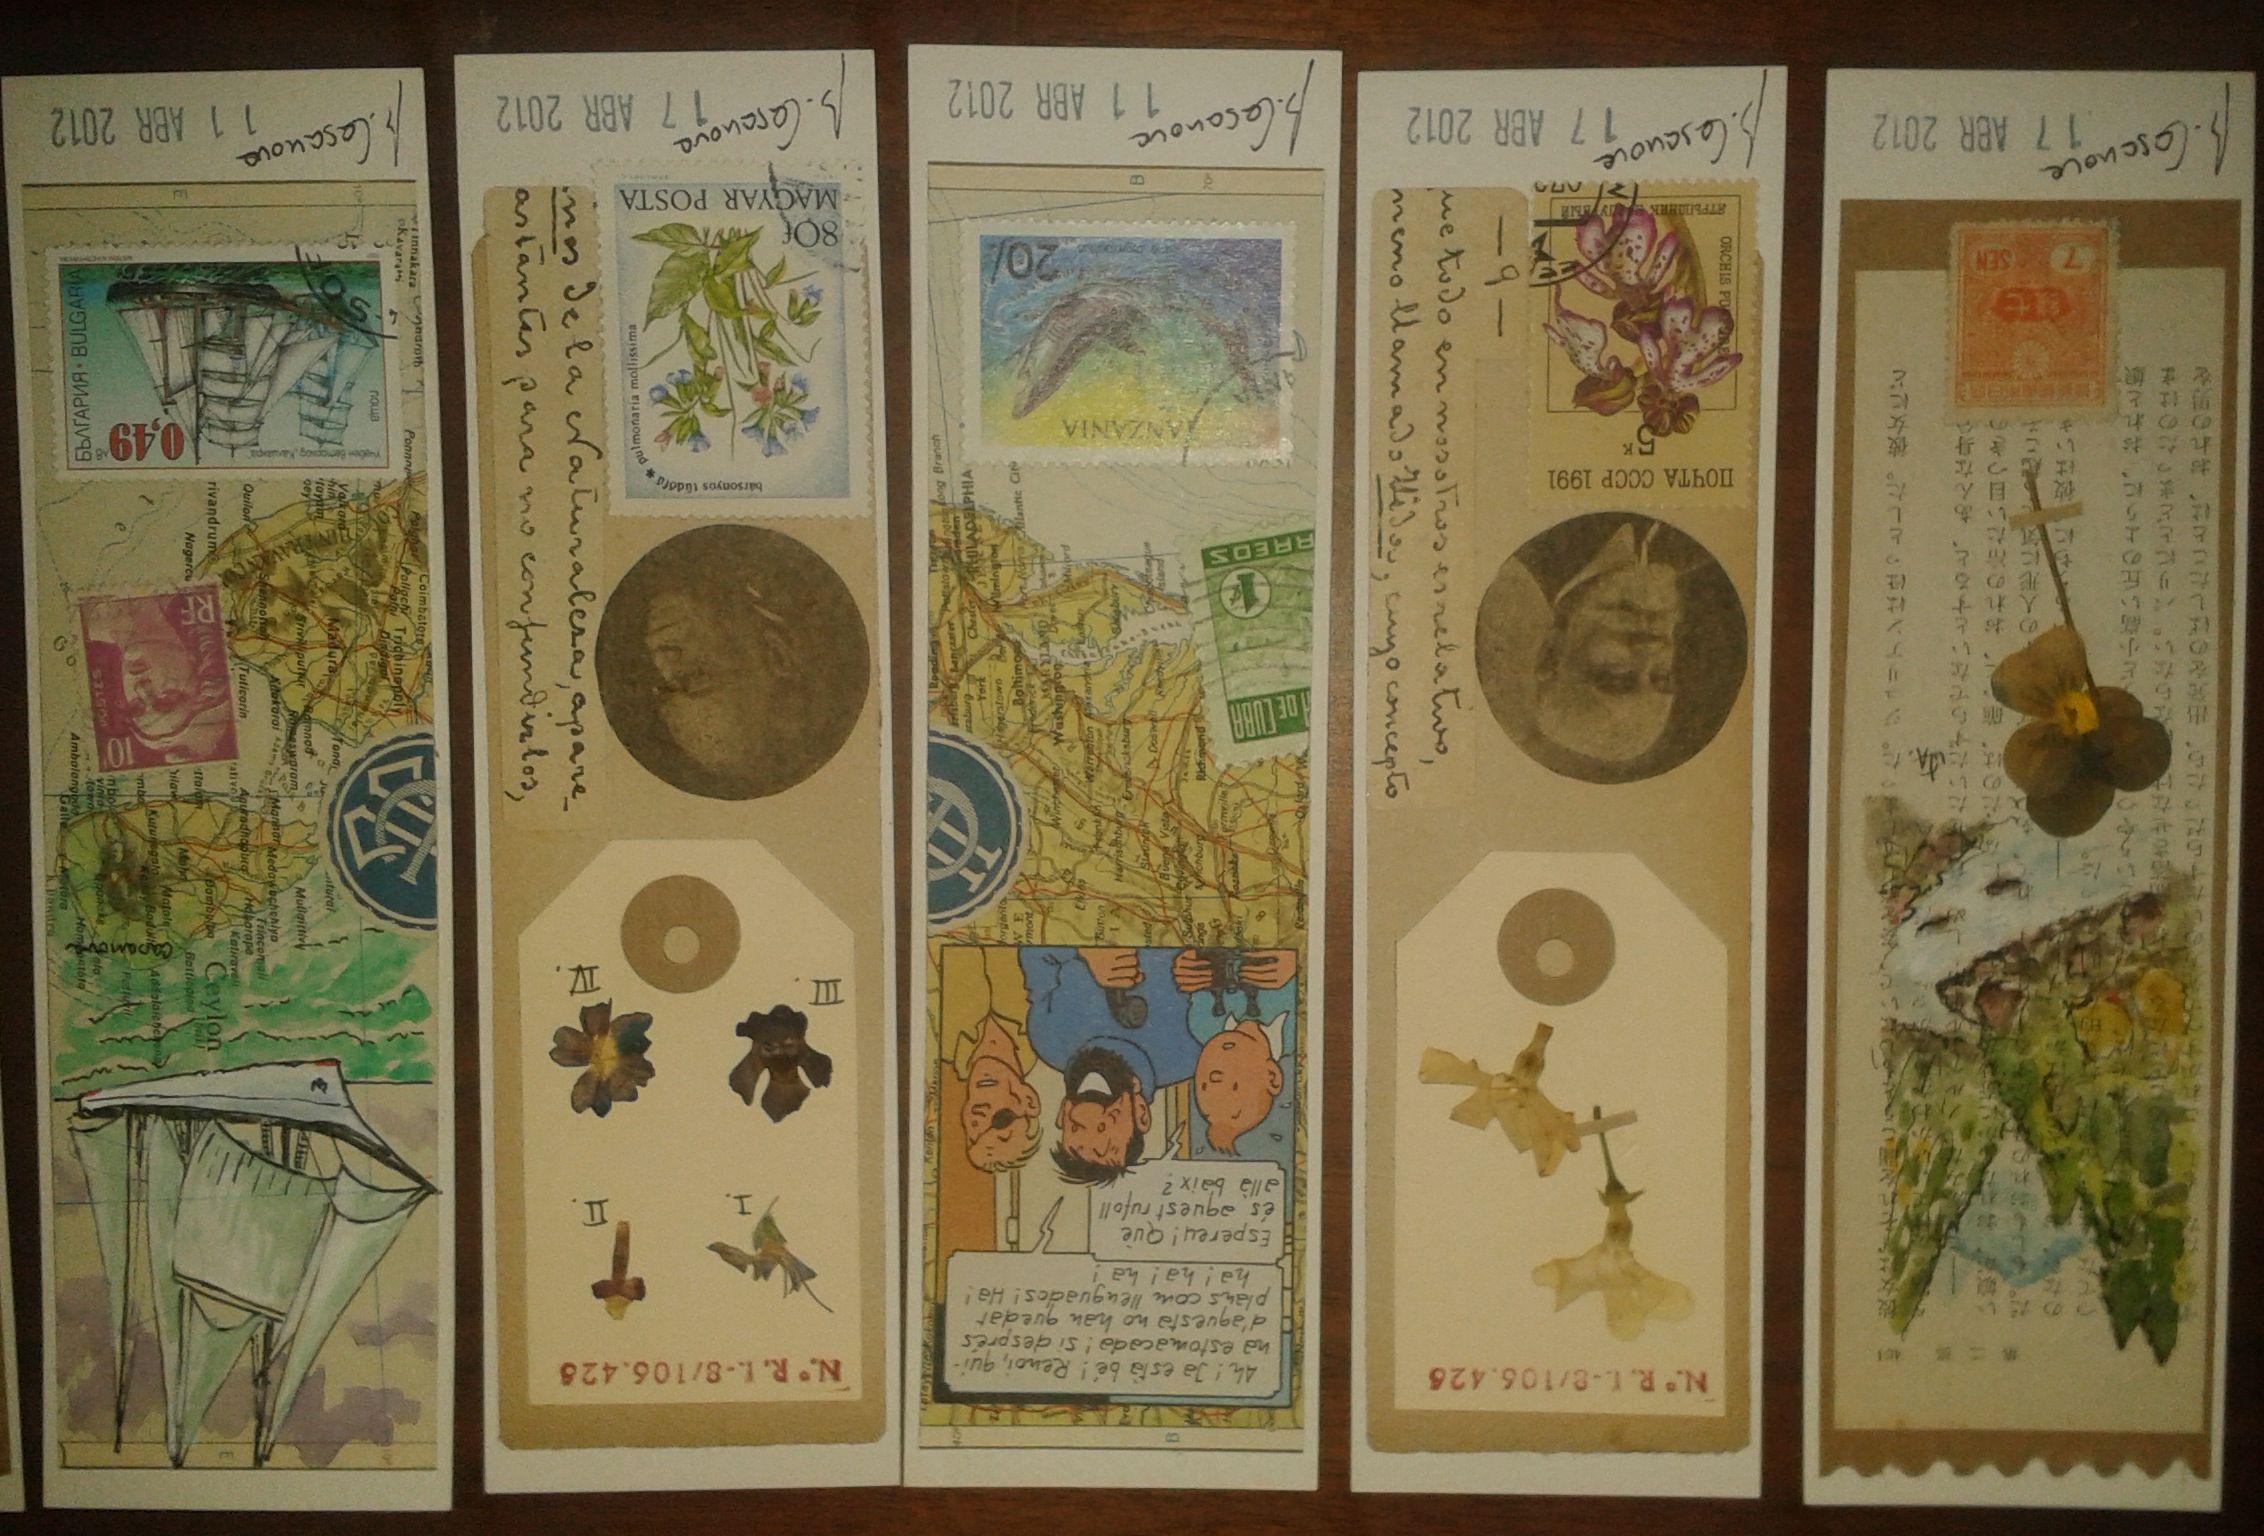 Puntos de libro de Bernat Casanovas #handmade #Bookmark $2,6 (see money exchange in euros) For more information call Gibernau's Bookstore: (0034)933226707